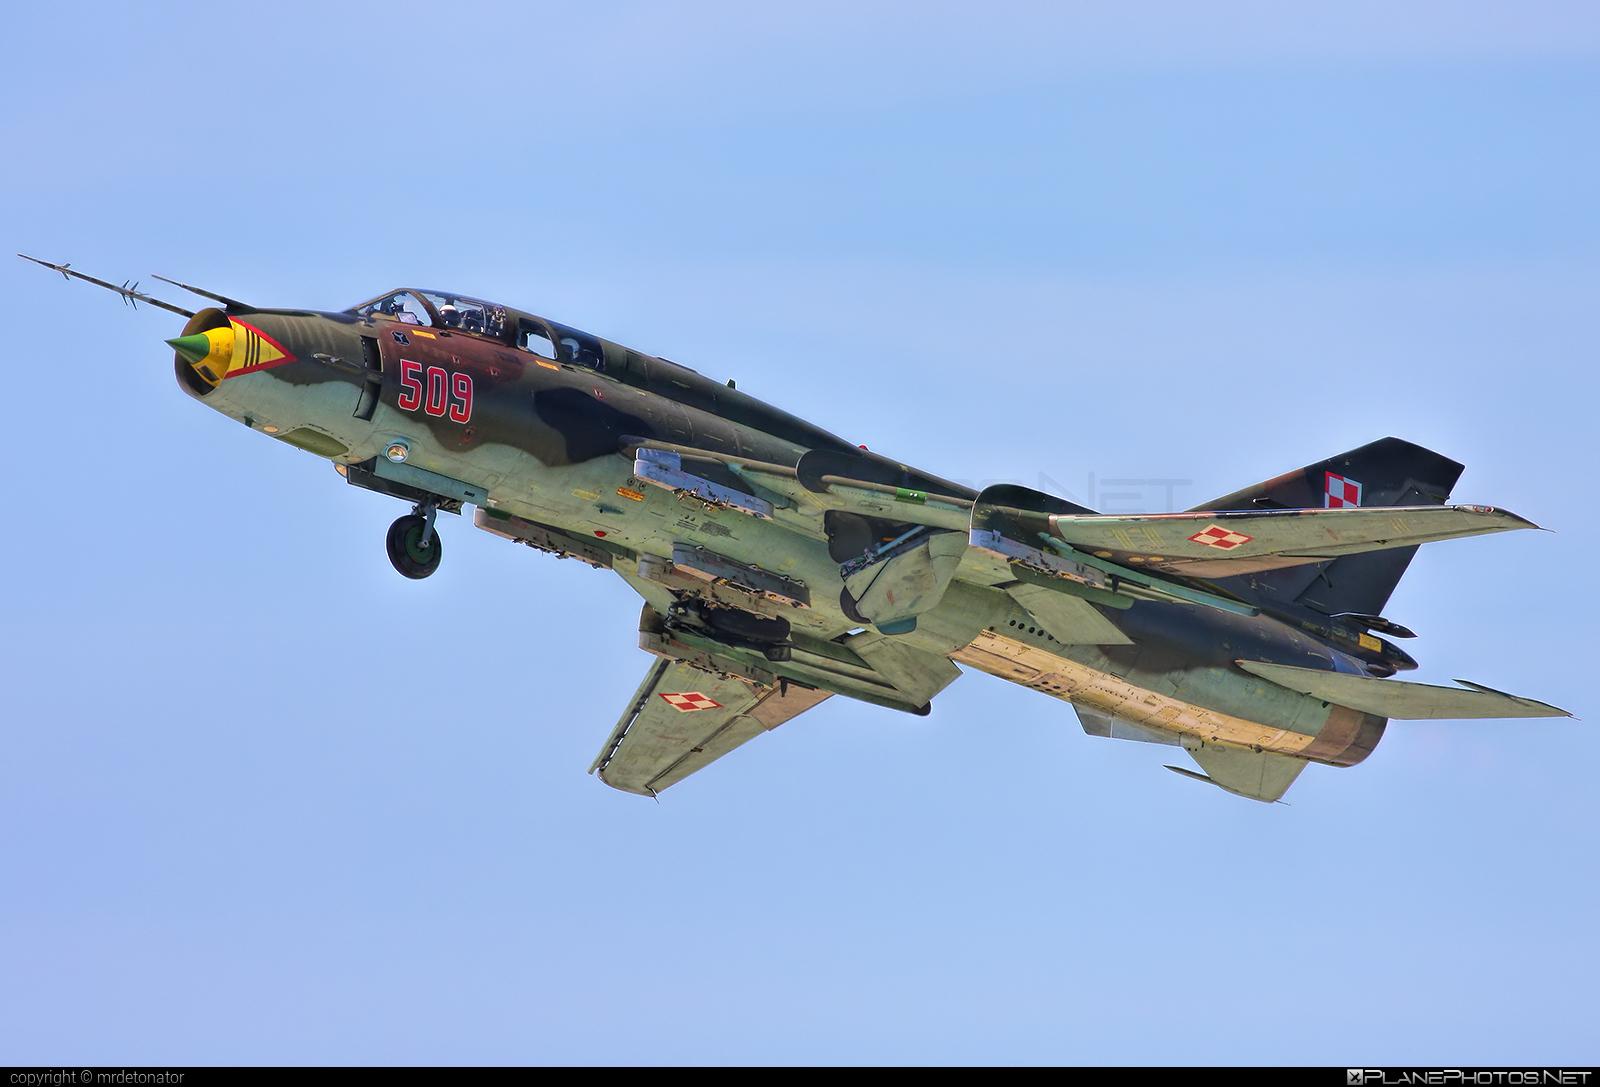 Sukhoi Su-22UM3K - 509 operated by Siły Powietrzne Rzeczypospolitej Polskiej (Polish Air Force) #polishairforce #silypowietrzne #sukhoi